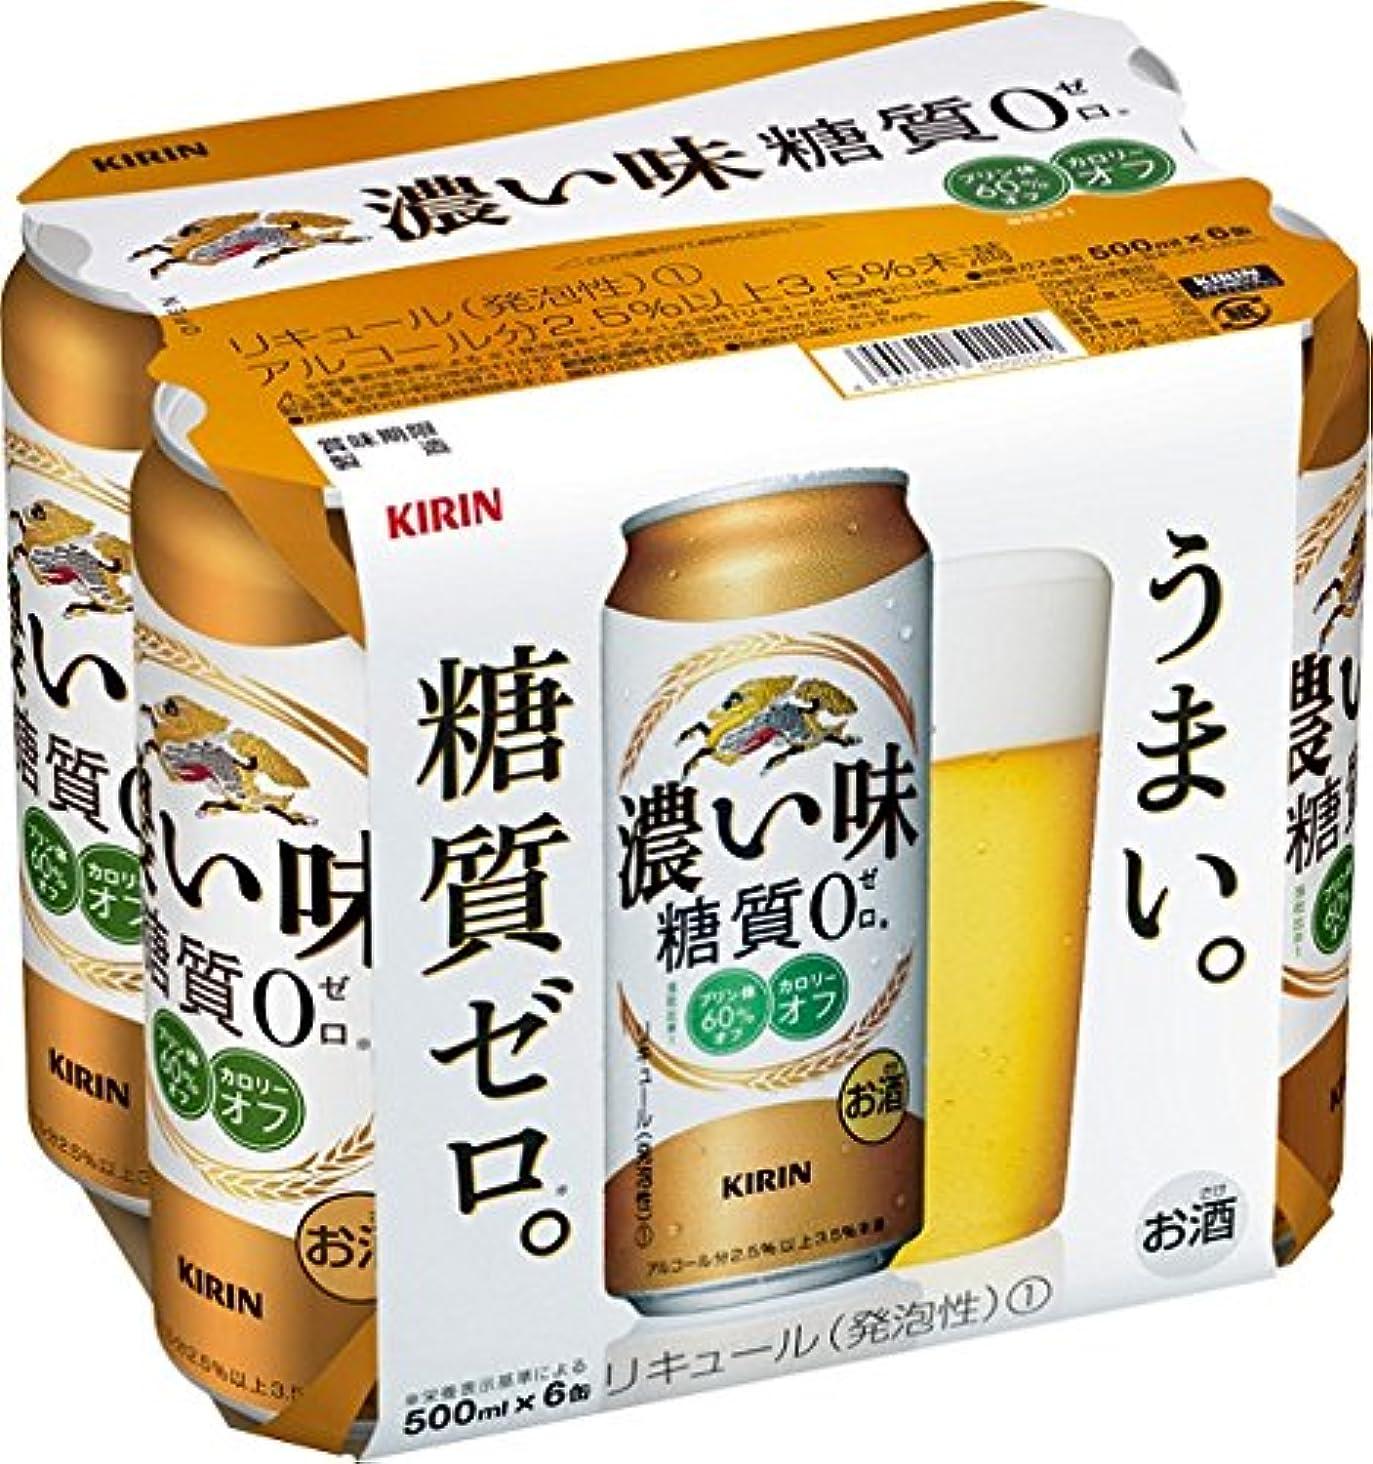 はい孤児不定キリン 濃い味 糖質ゼロ 6缶パック 500ml×6本